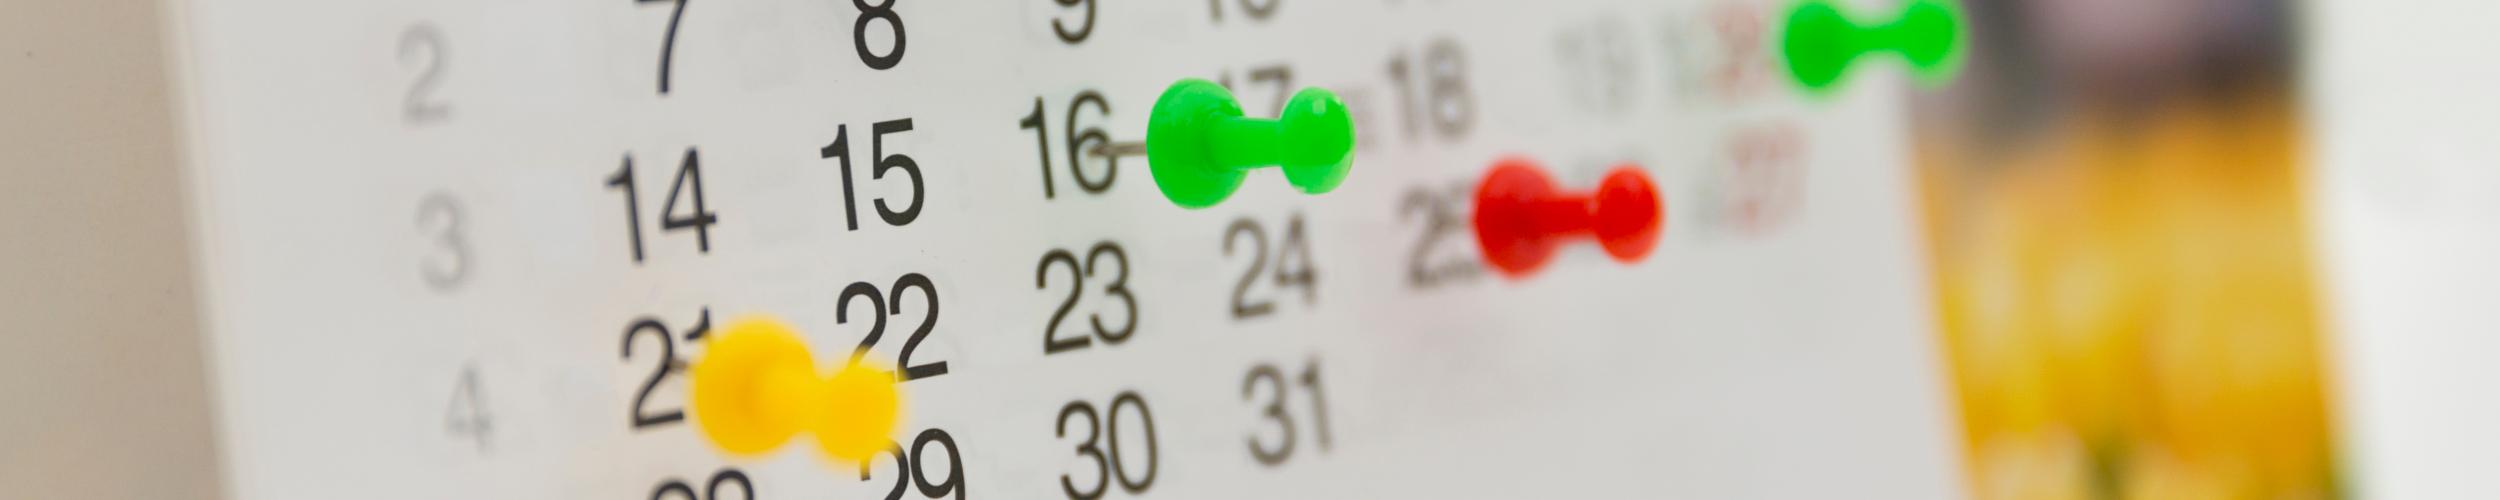 Algemene activiteitenkalender